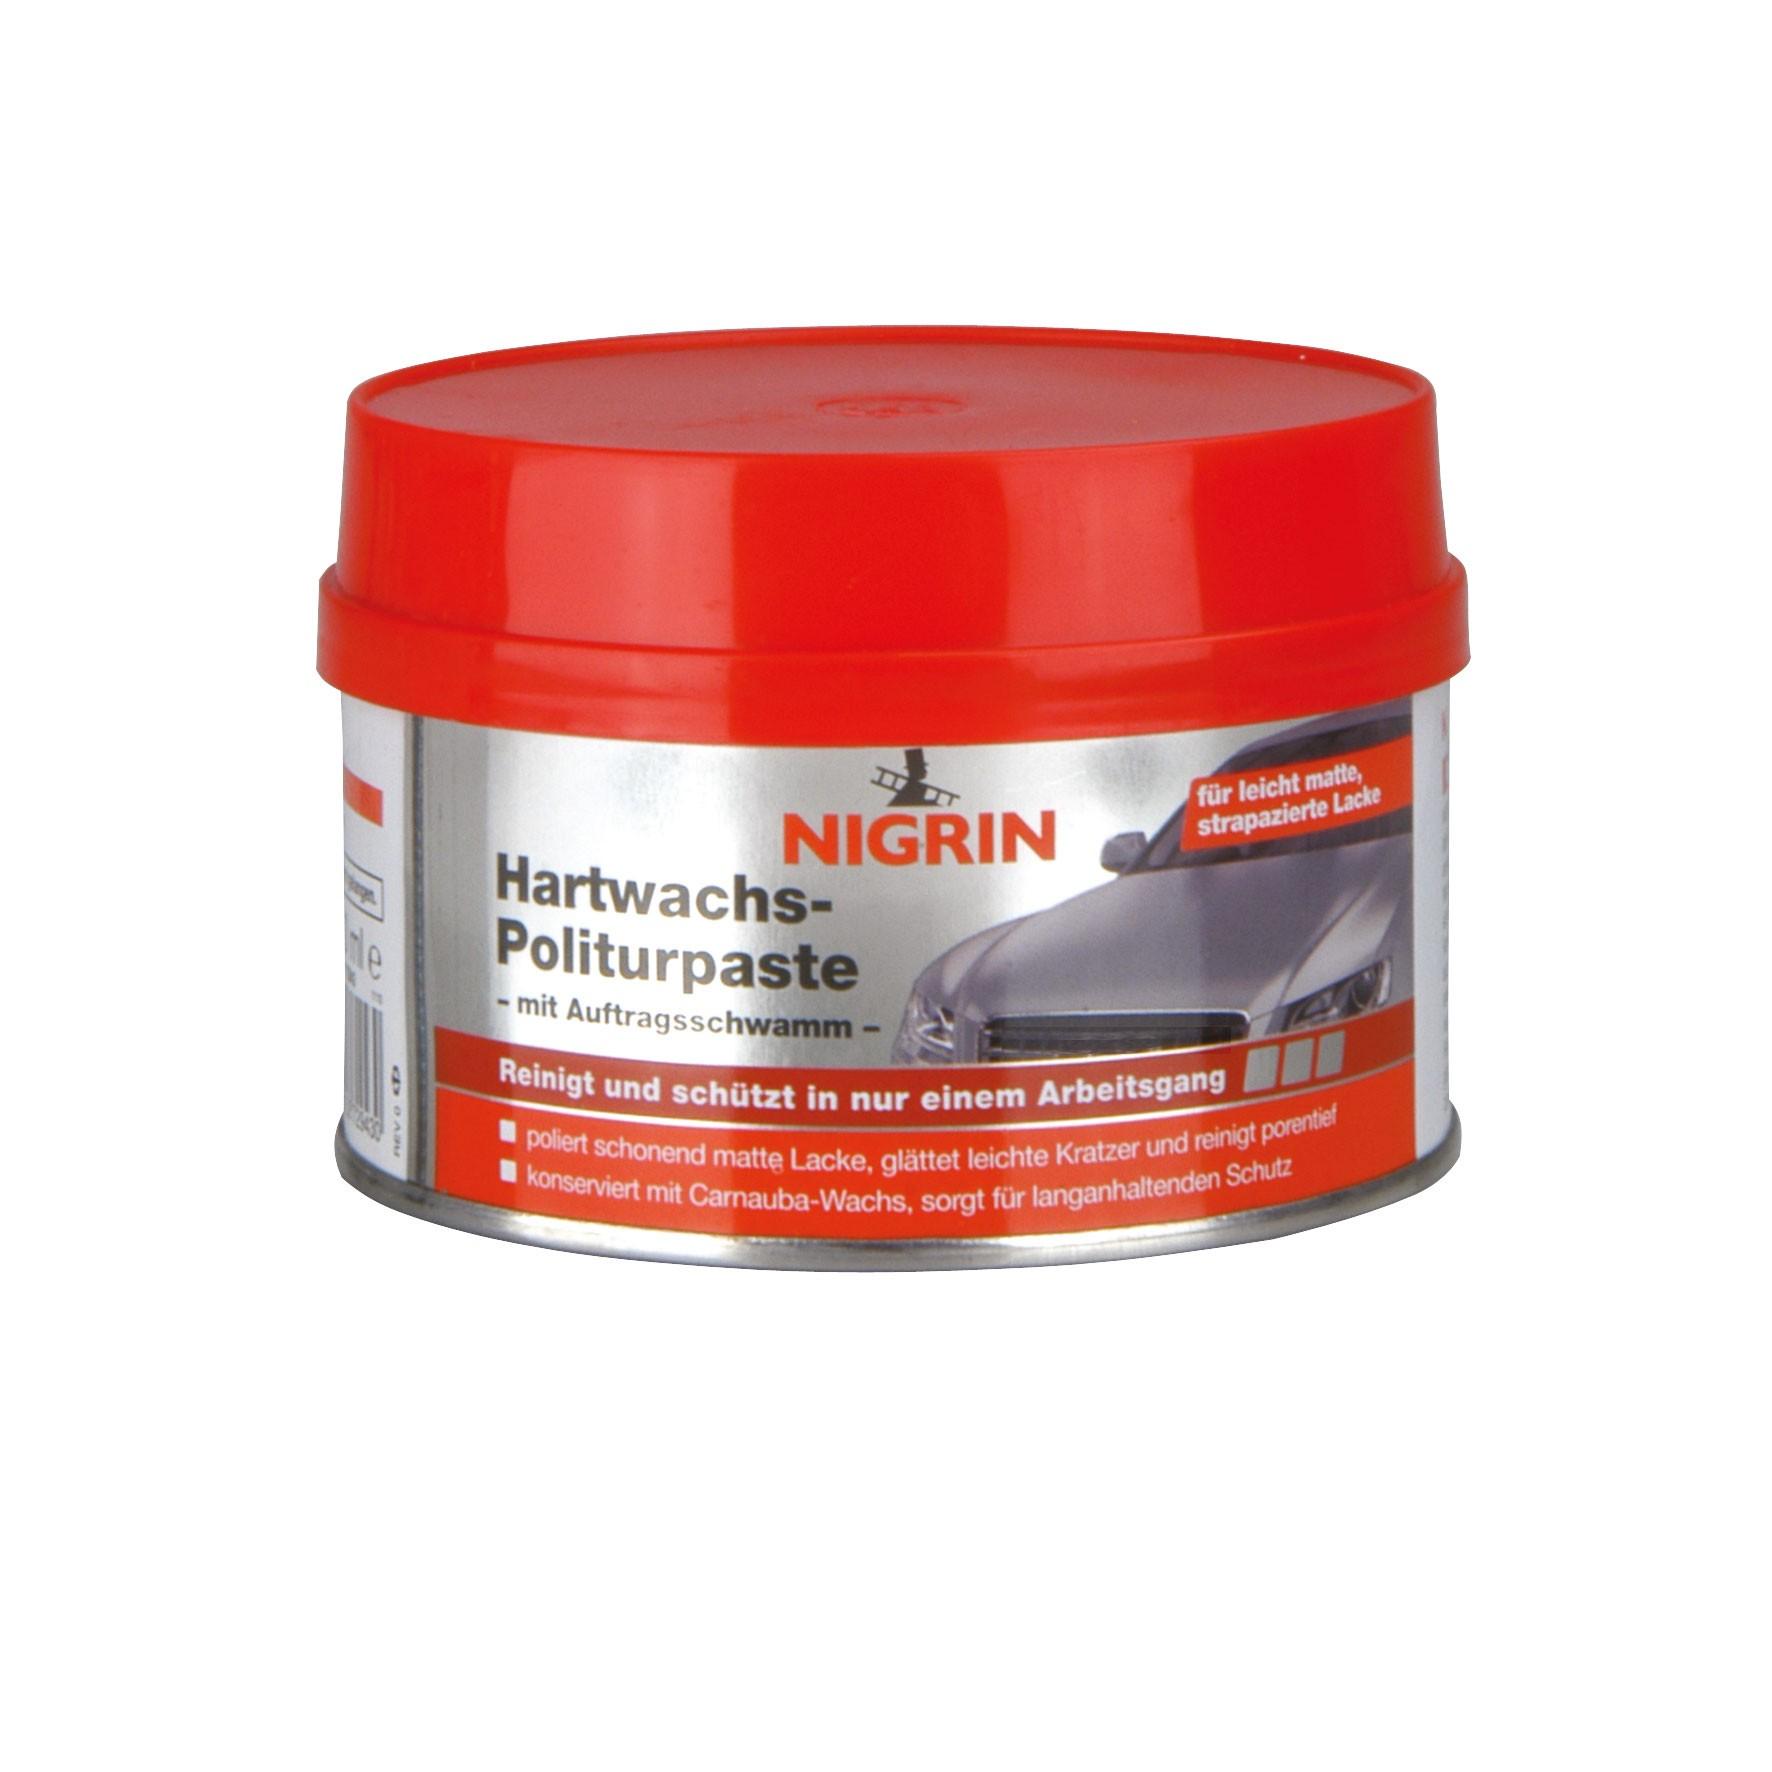 Nigrin Lackpflege Hartwachs-Politurpaste 250ml Bild 1